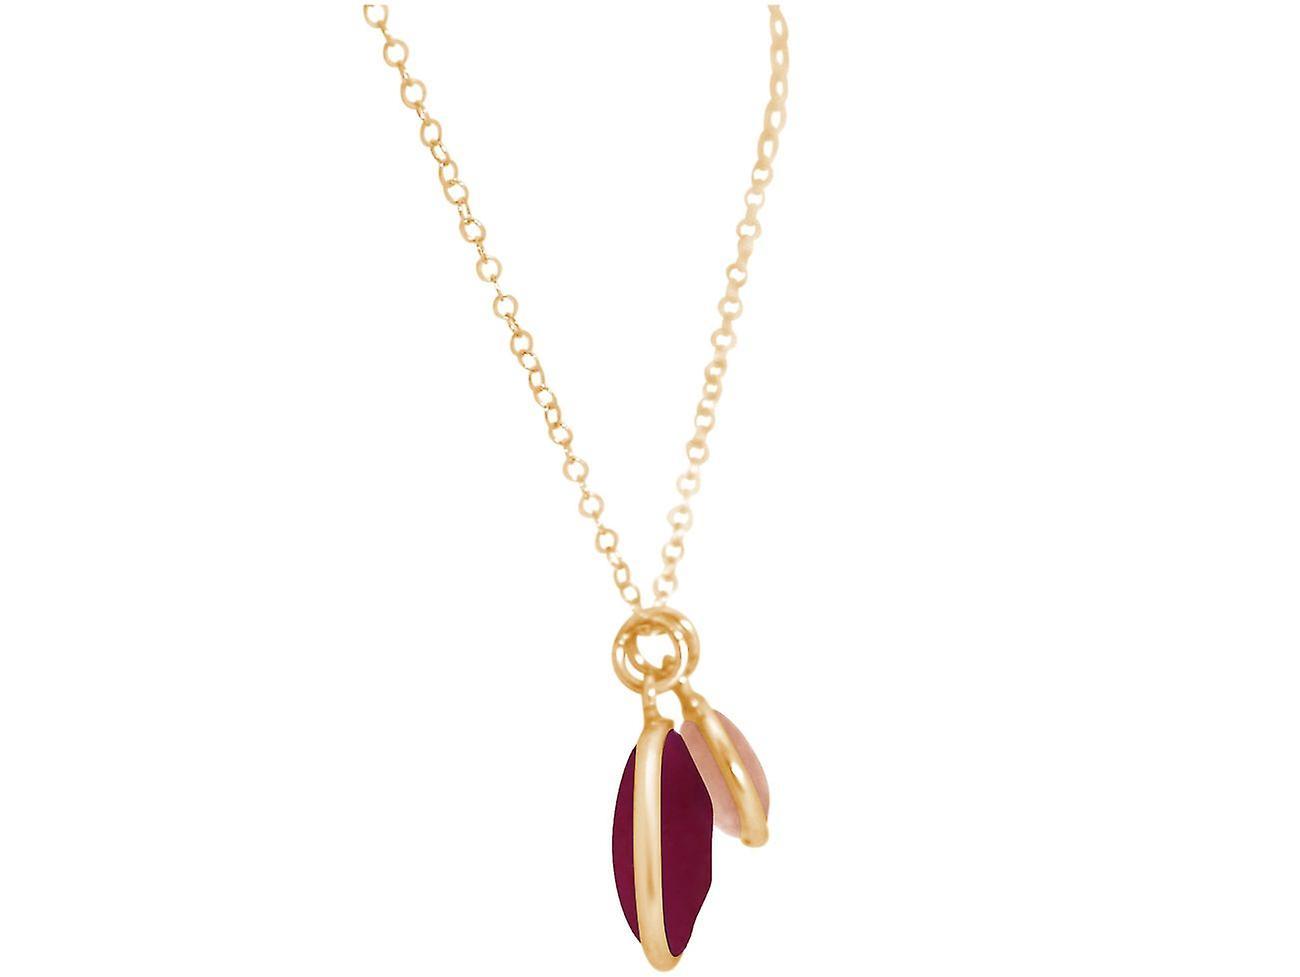 GEMSHINE Kette Rubin und Rosenquarz Edelsteine 925 Silber, vergoldet oder rose